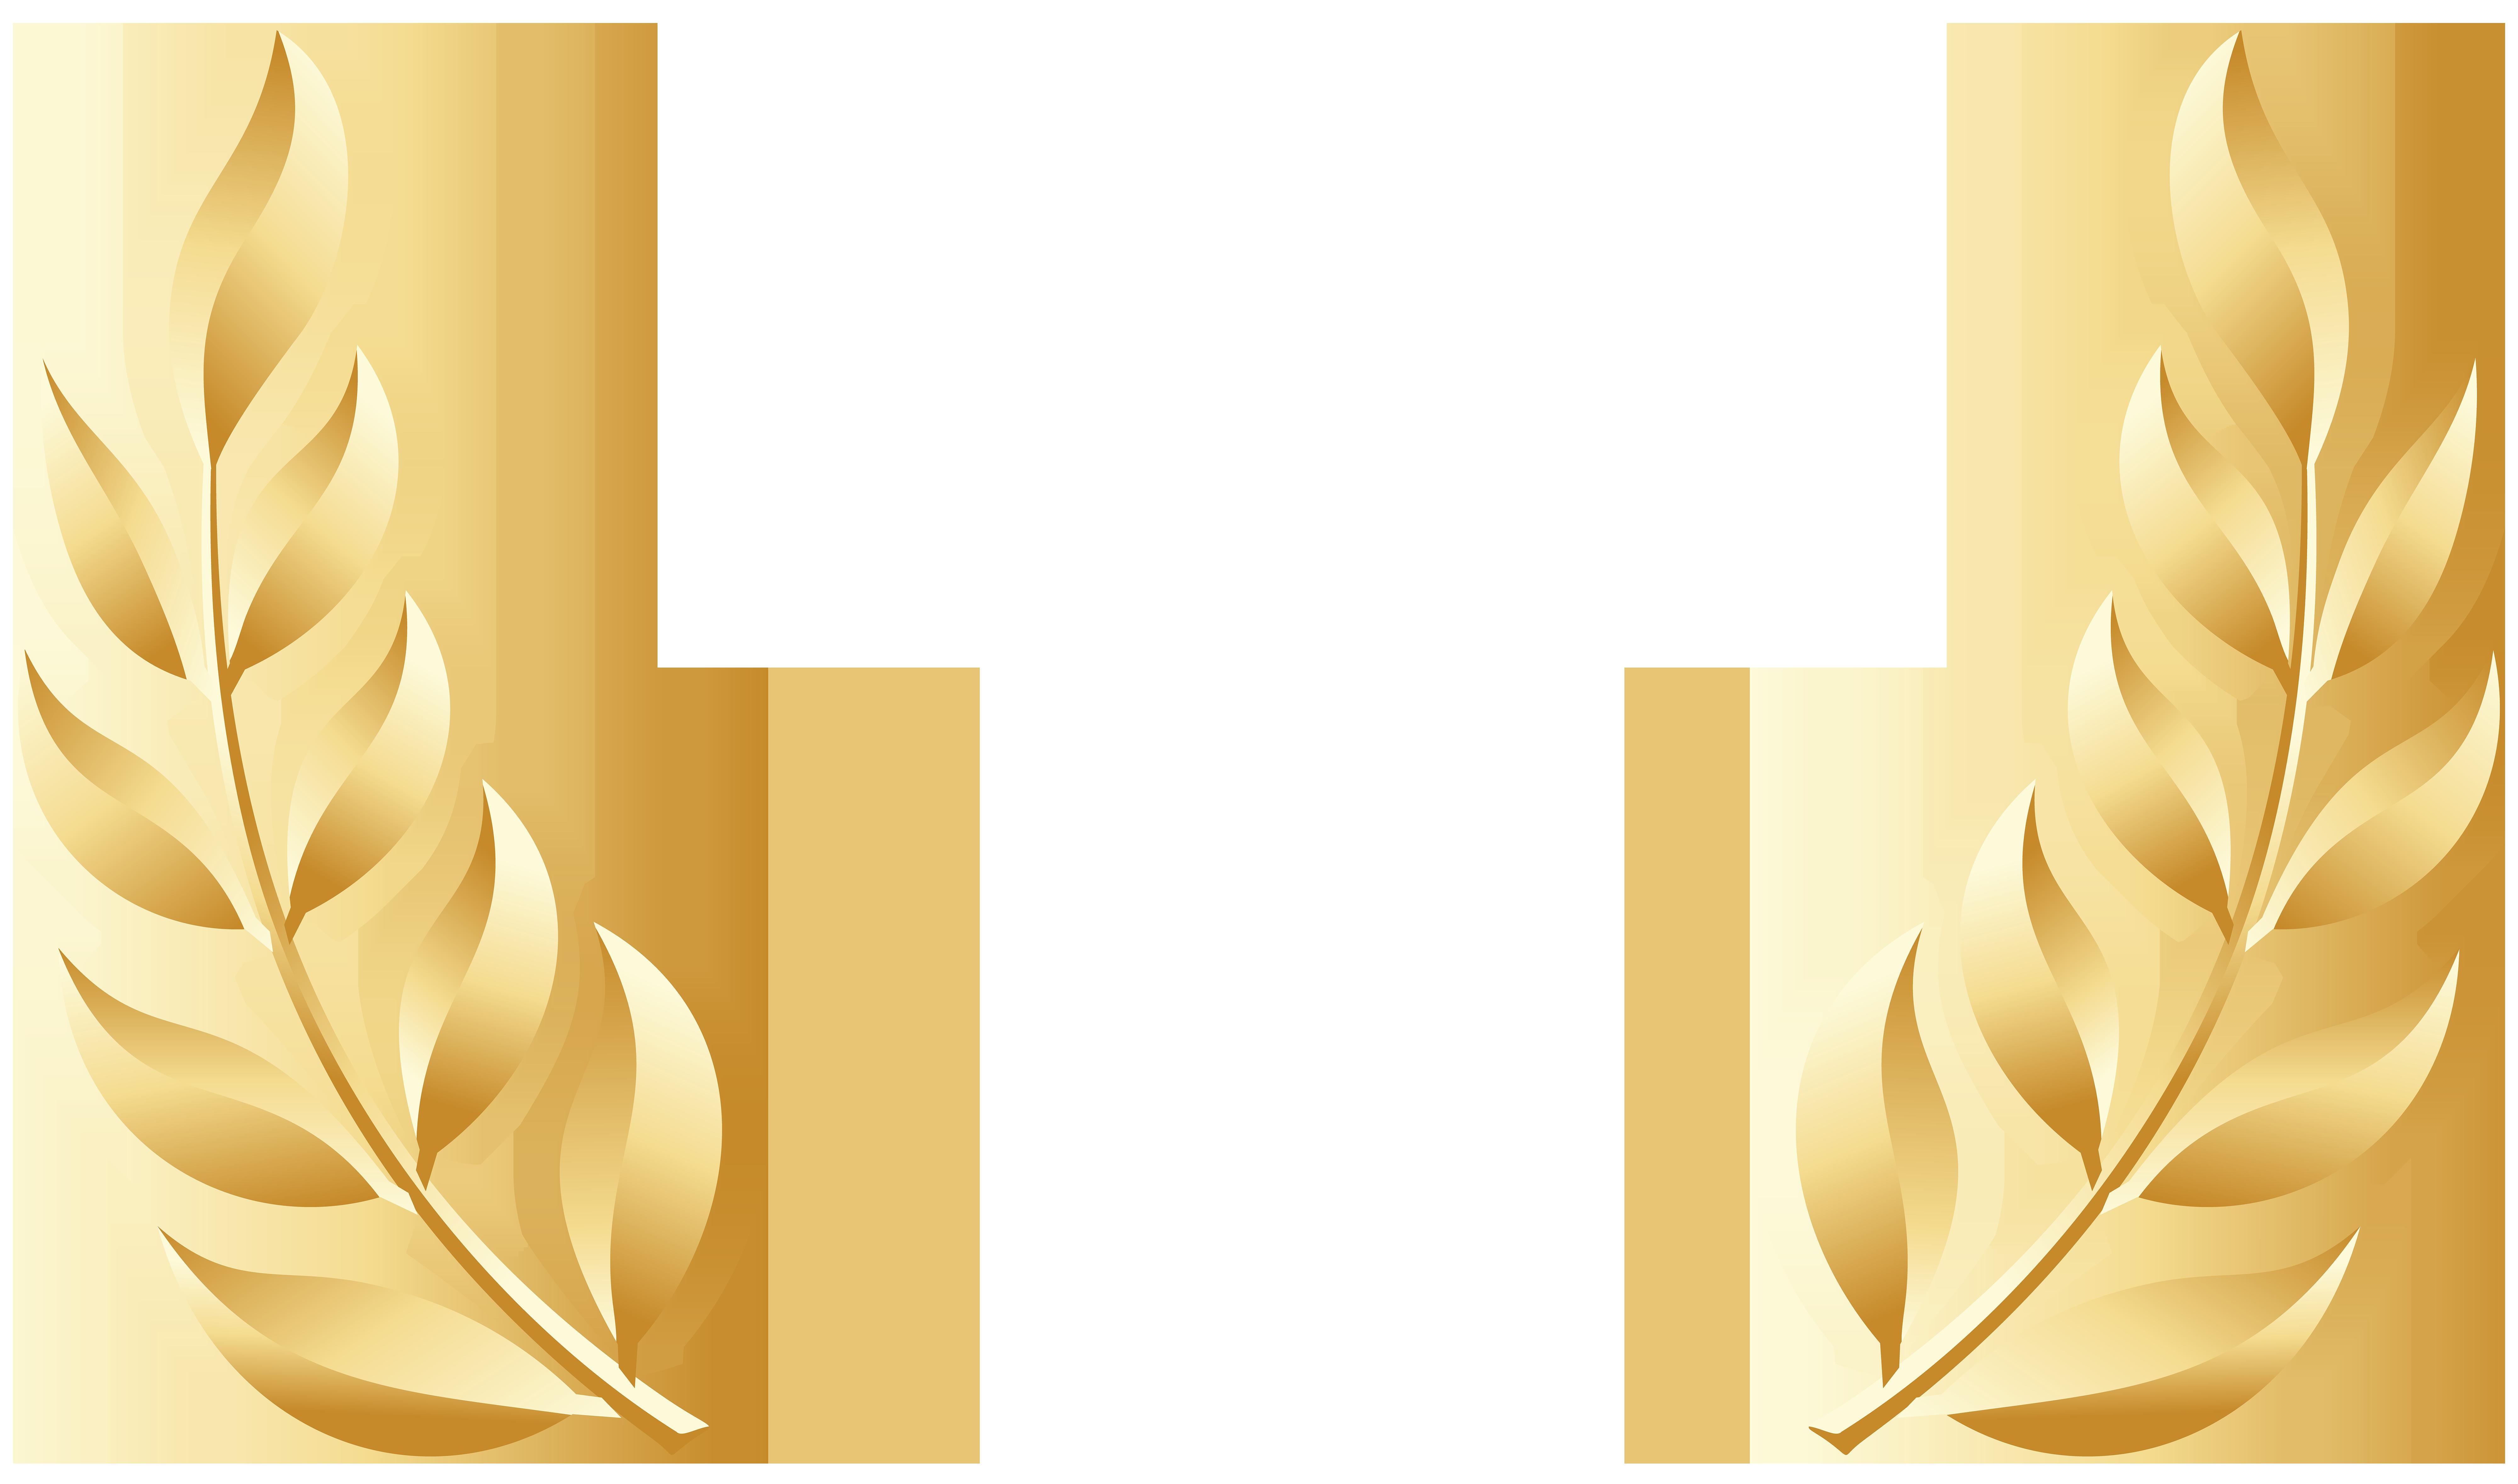 Golden Laurel Leaves Transparent Image Gallery Yopriceville High Quality Images And Transparent Png Free Clipar Flower Frame Laurel Leaves Leaf Background